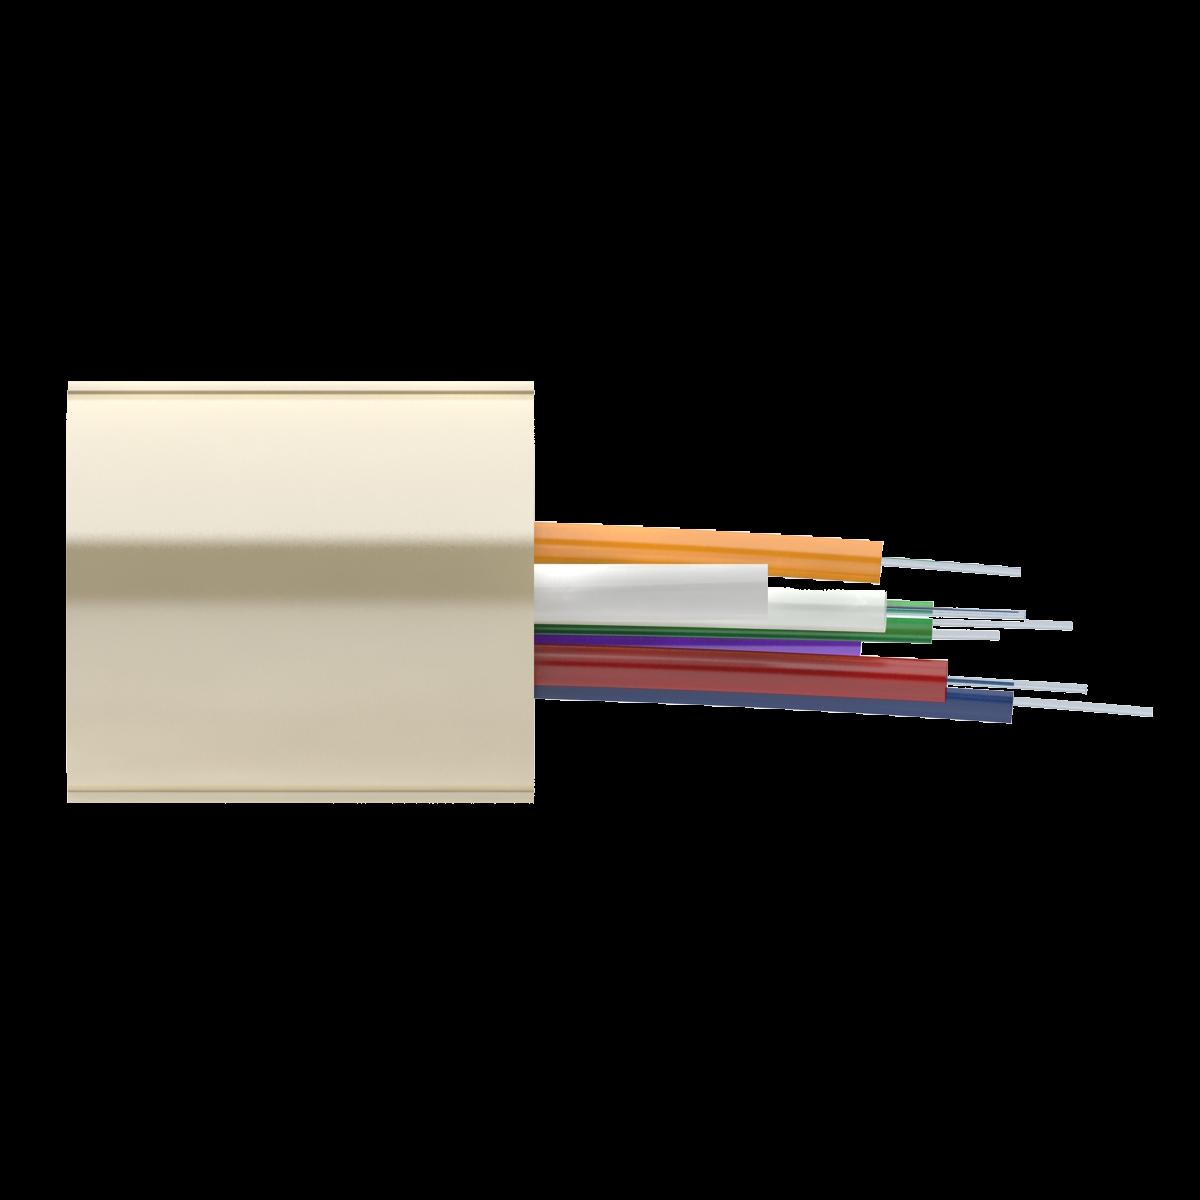 Кабель оптический Alpha Mile RISER, 06 волокна Corning Ultra G.652D, LSZH